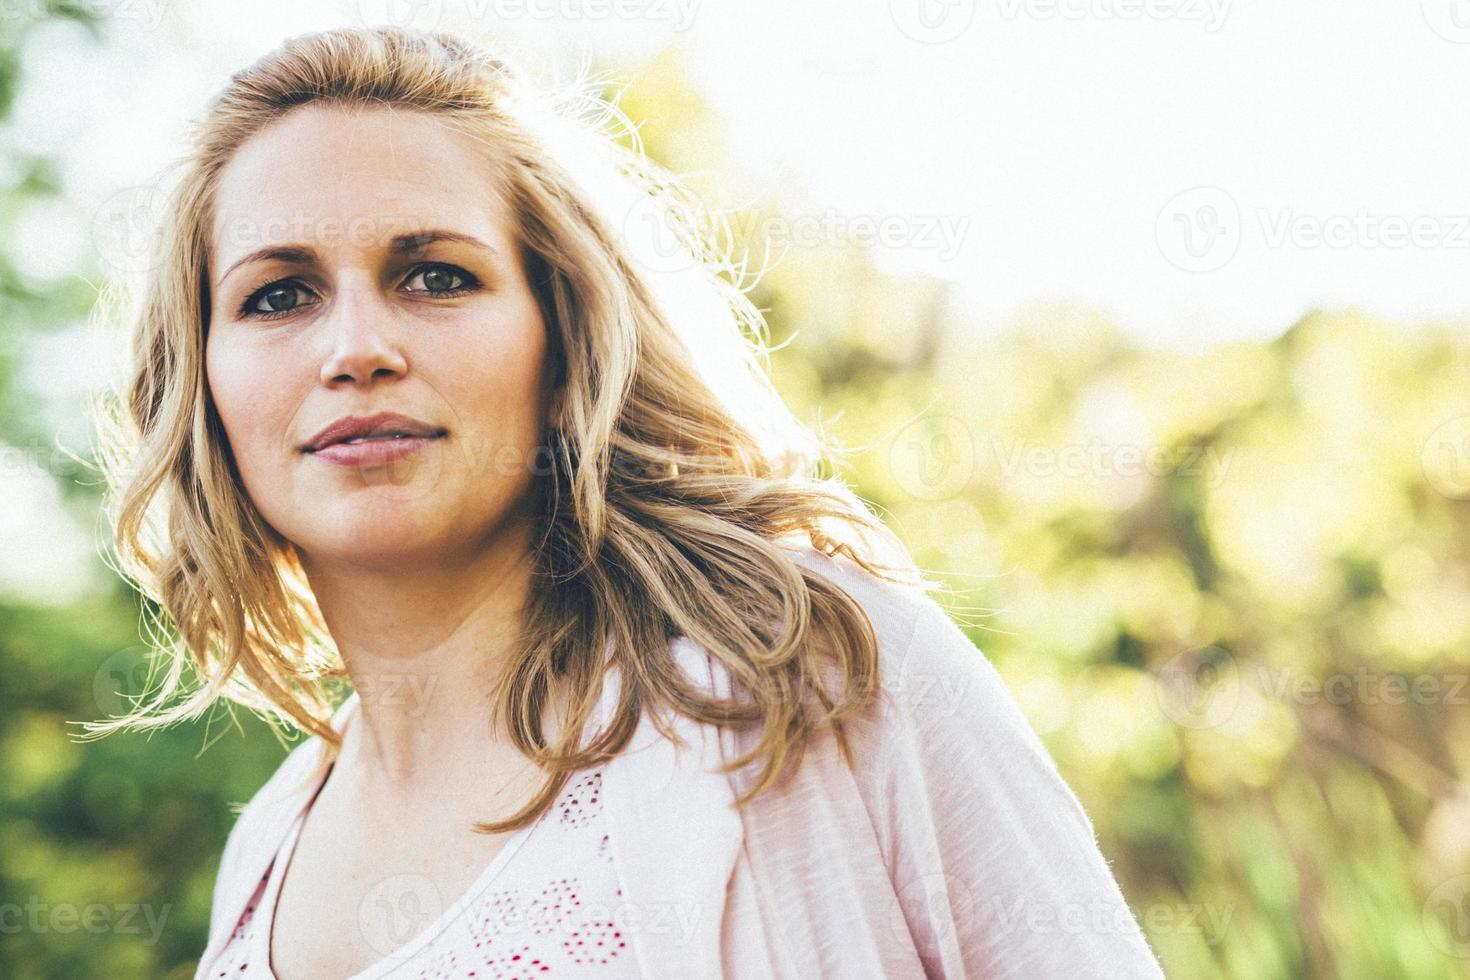 hermosa joven sonriendo al aire libre durante el verano foto